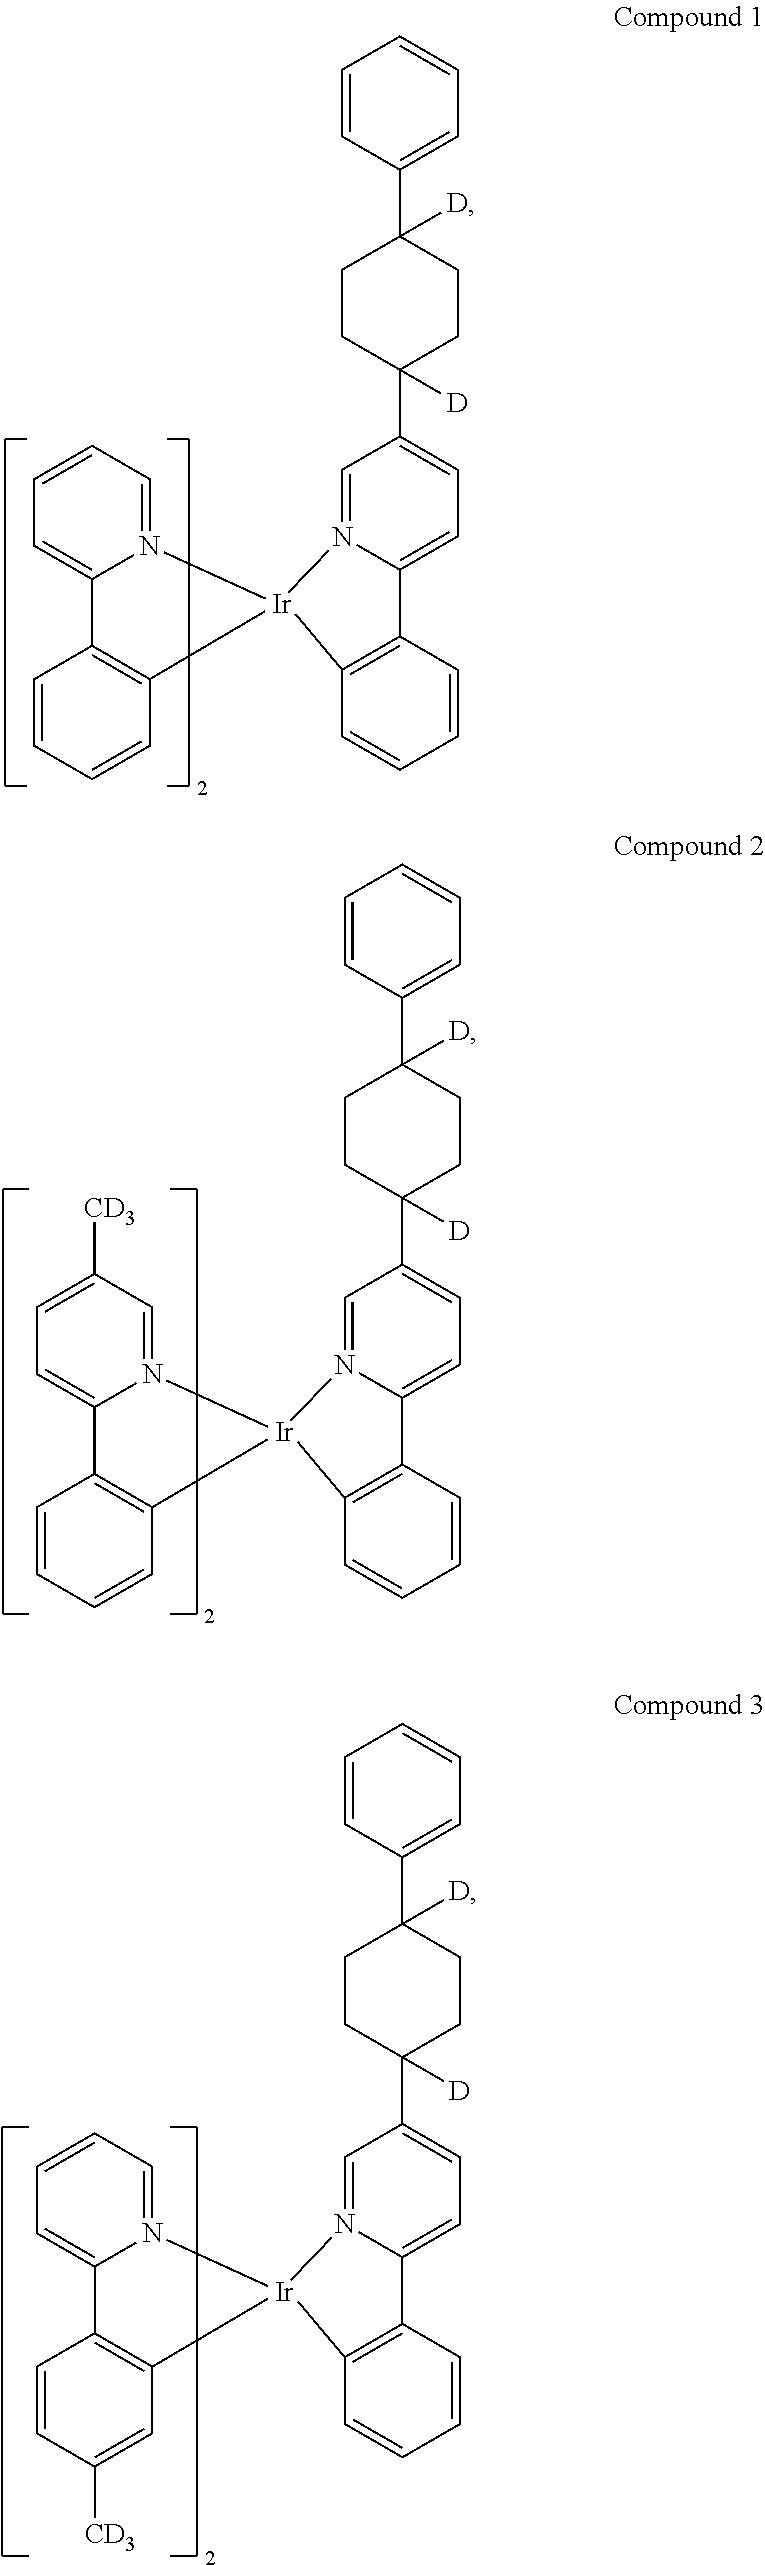 Figure US20180076393A1-20180315-C00154